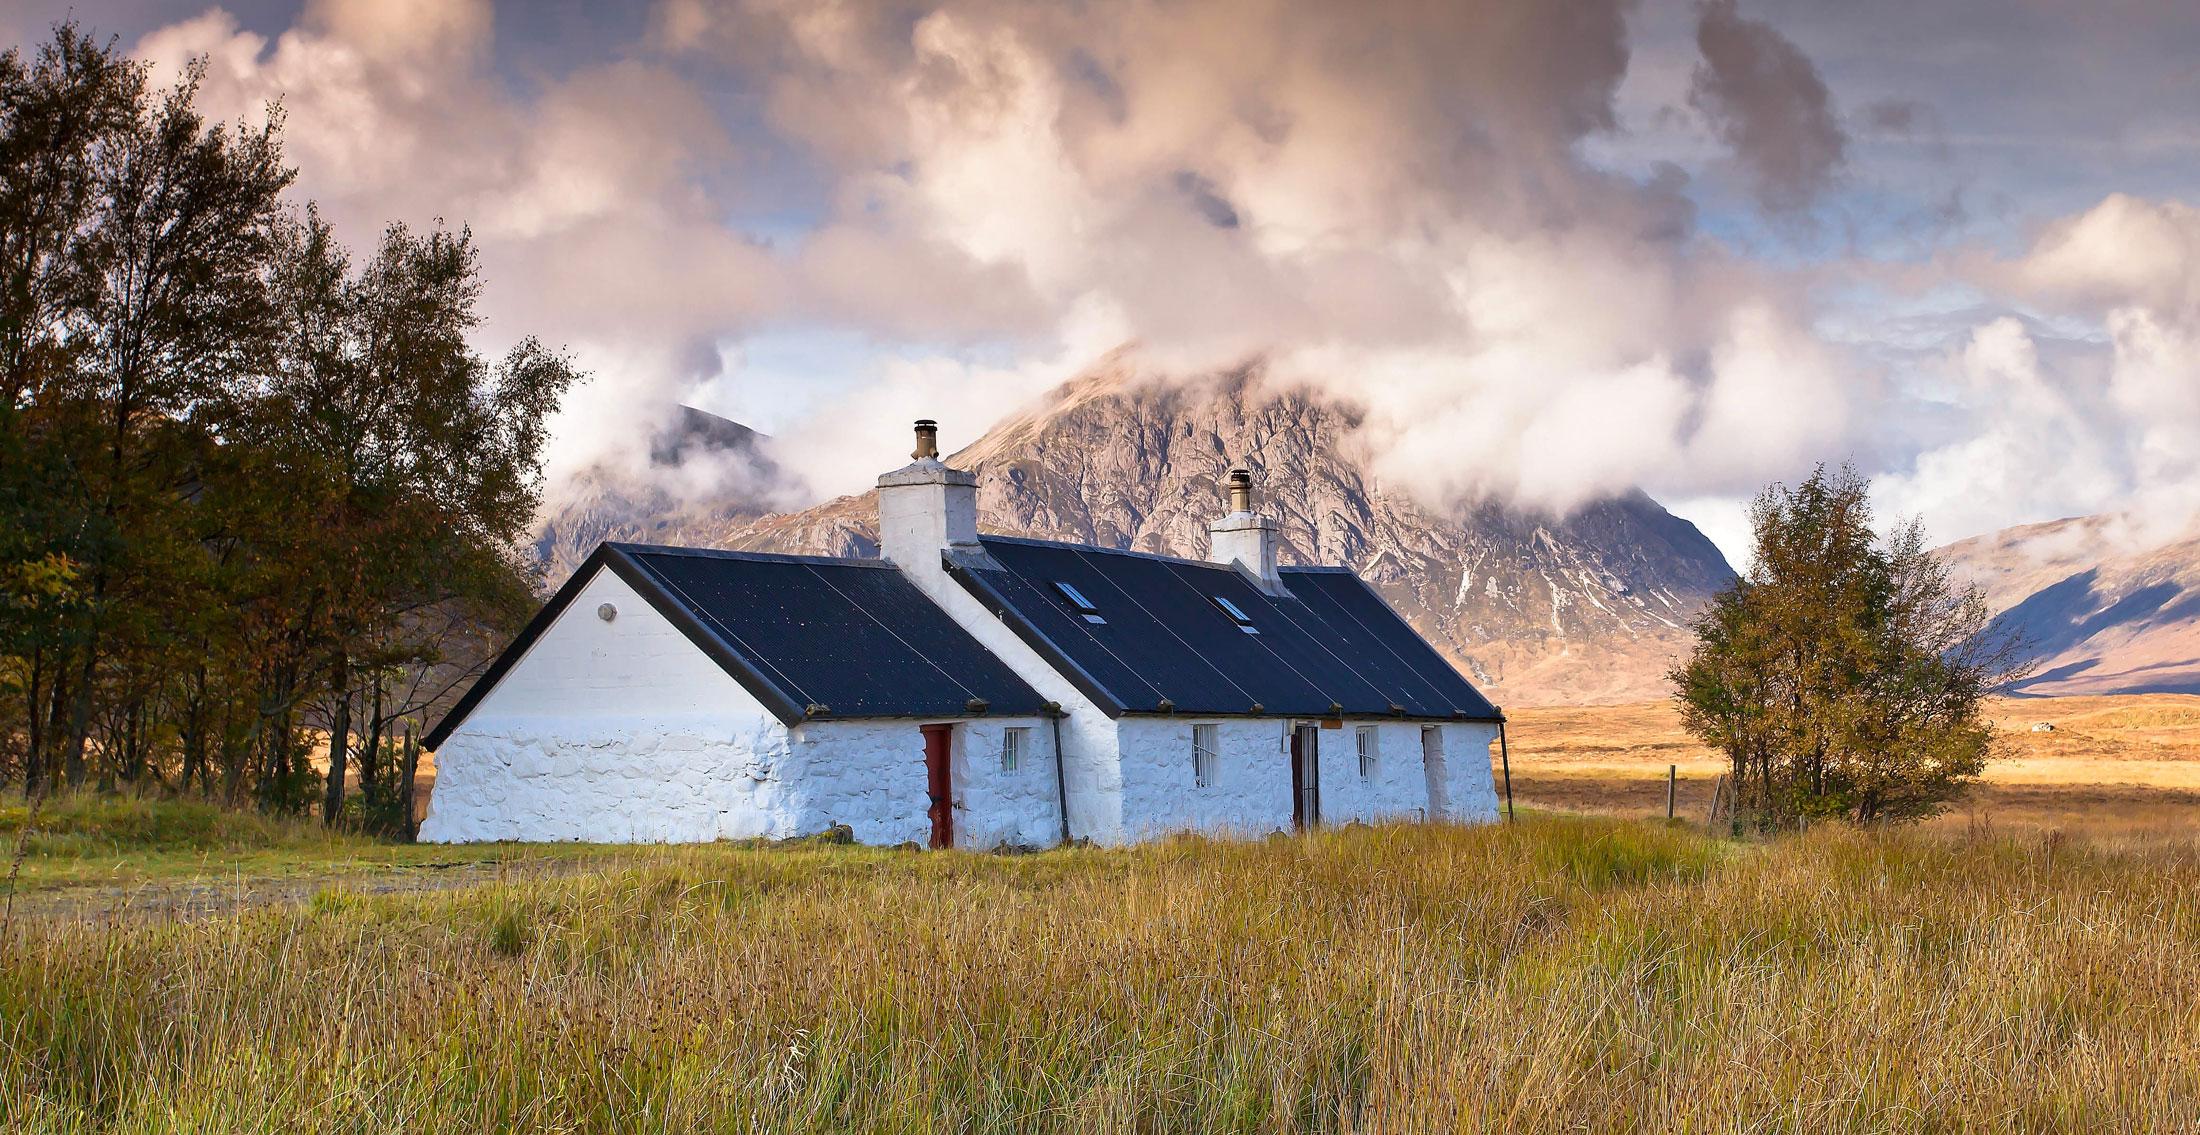 Photograph: Unique Landscape/Getty Images